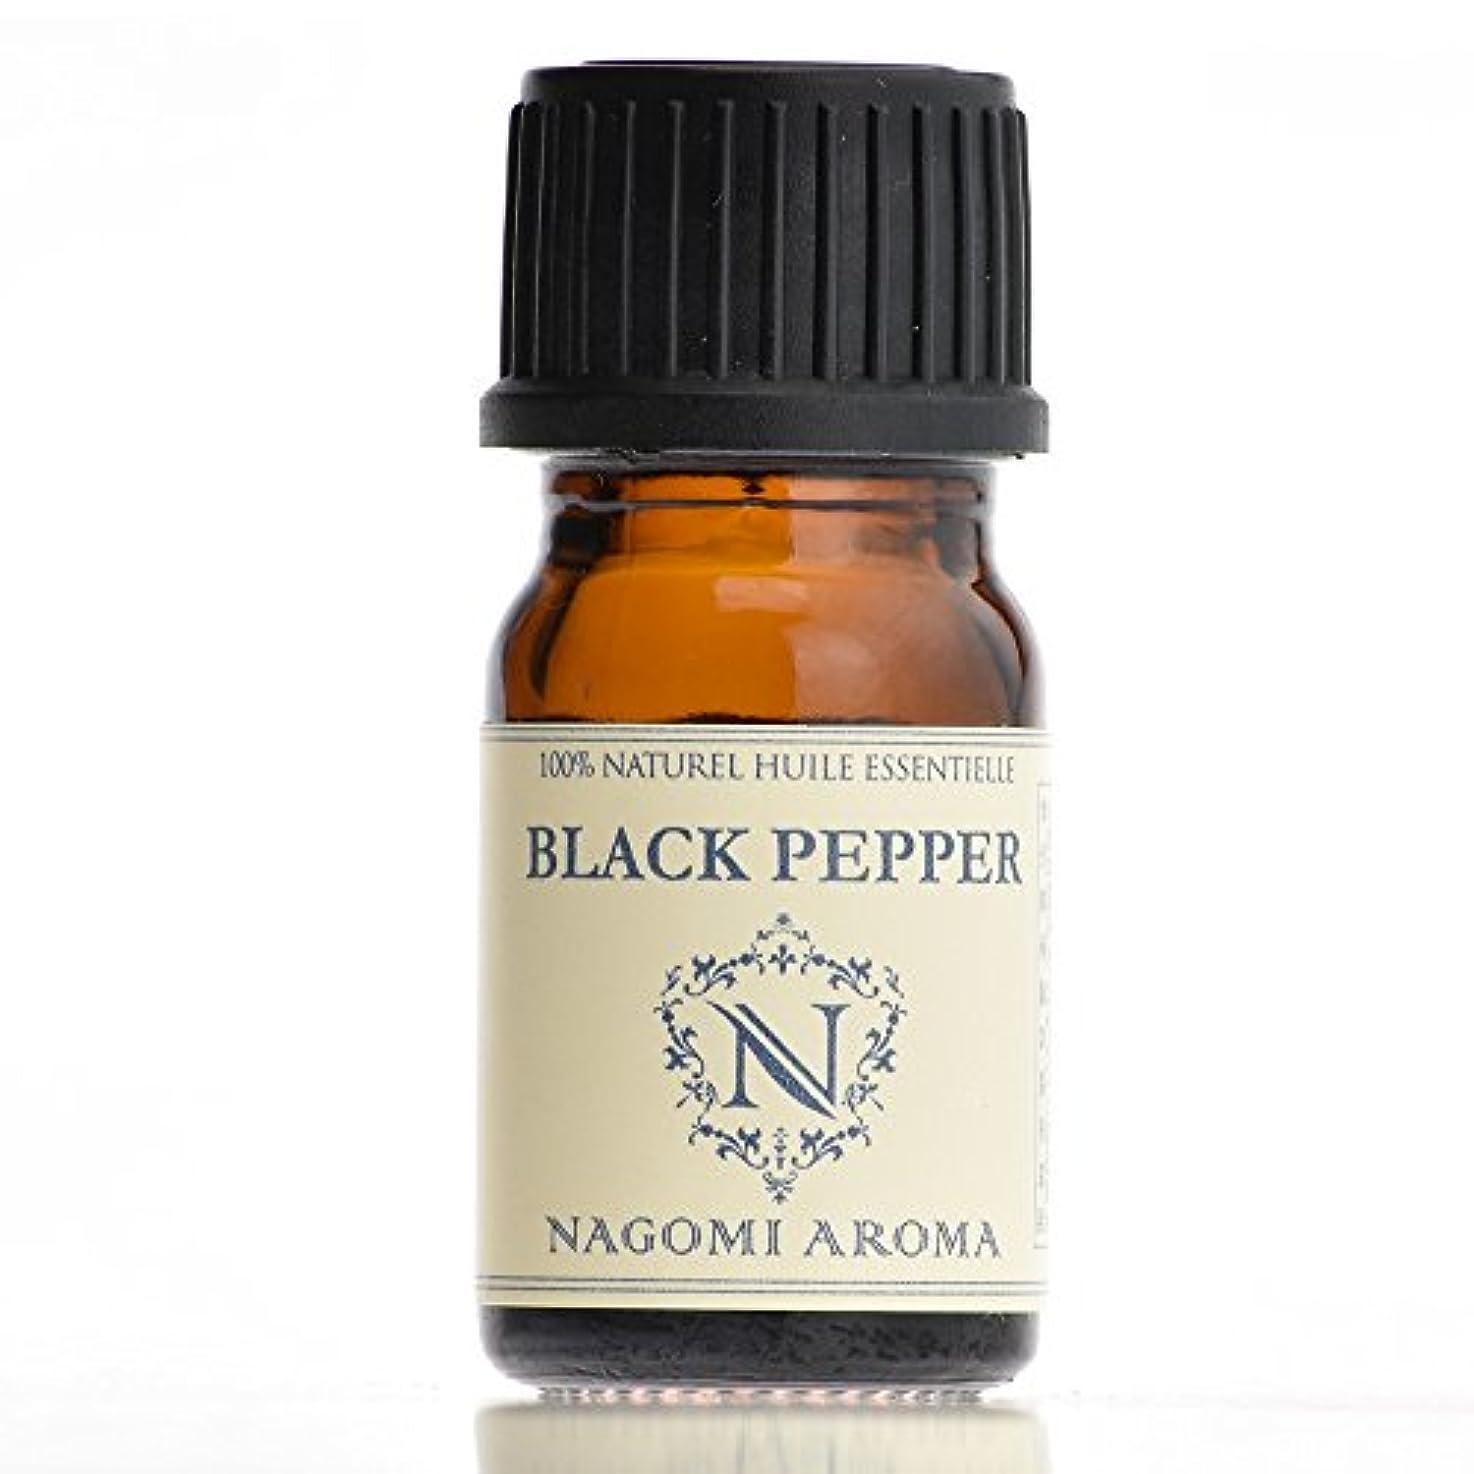 認可真似るテクスチャー【AEAJ認定表示基準認定精油】NAGOMI PURE ブラックペッパー 5ml 【エッセンシャルオイル】【精油】【アロマオイル】|CONVOIL